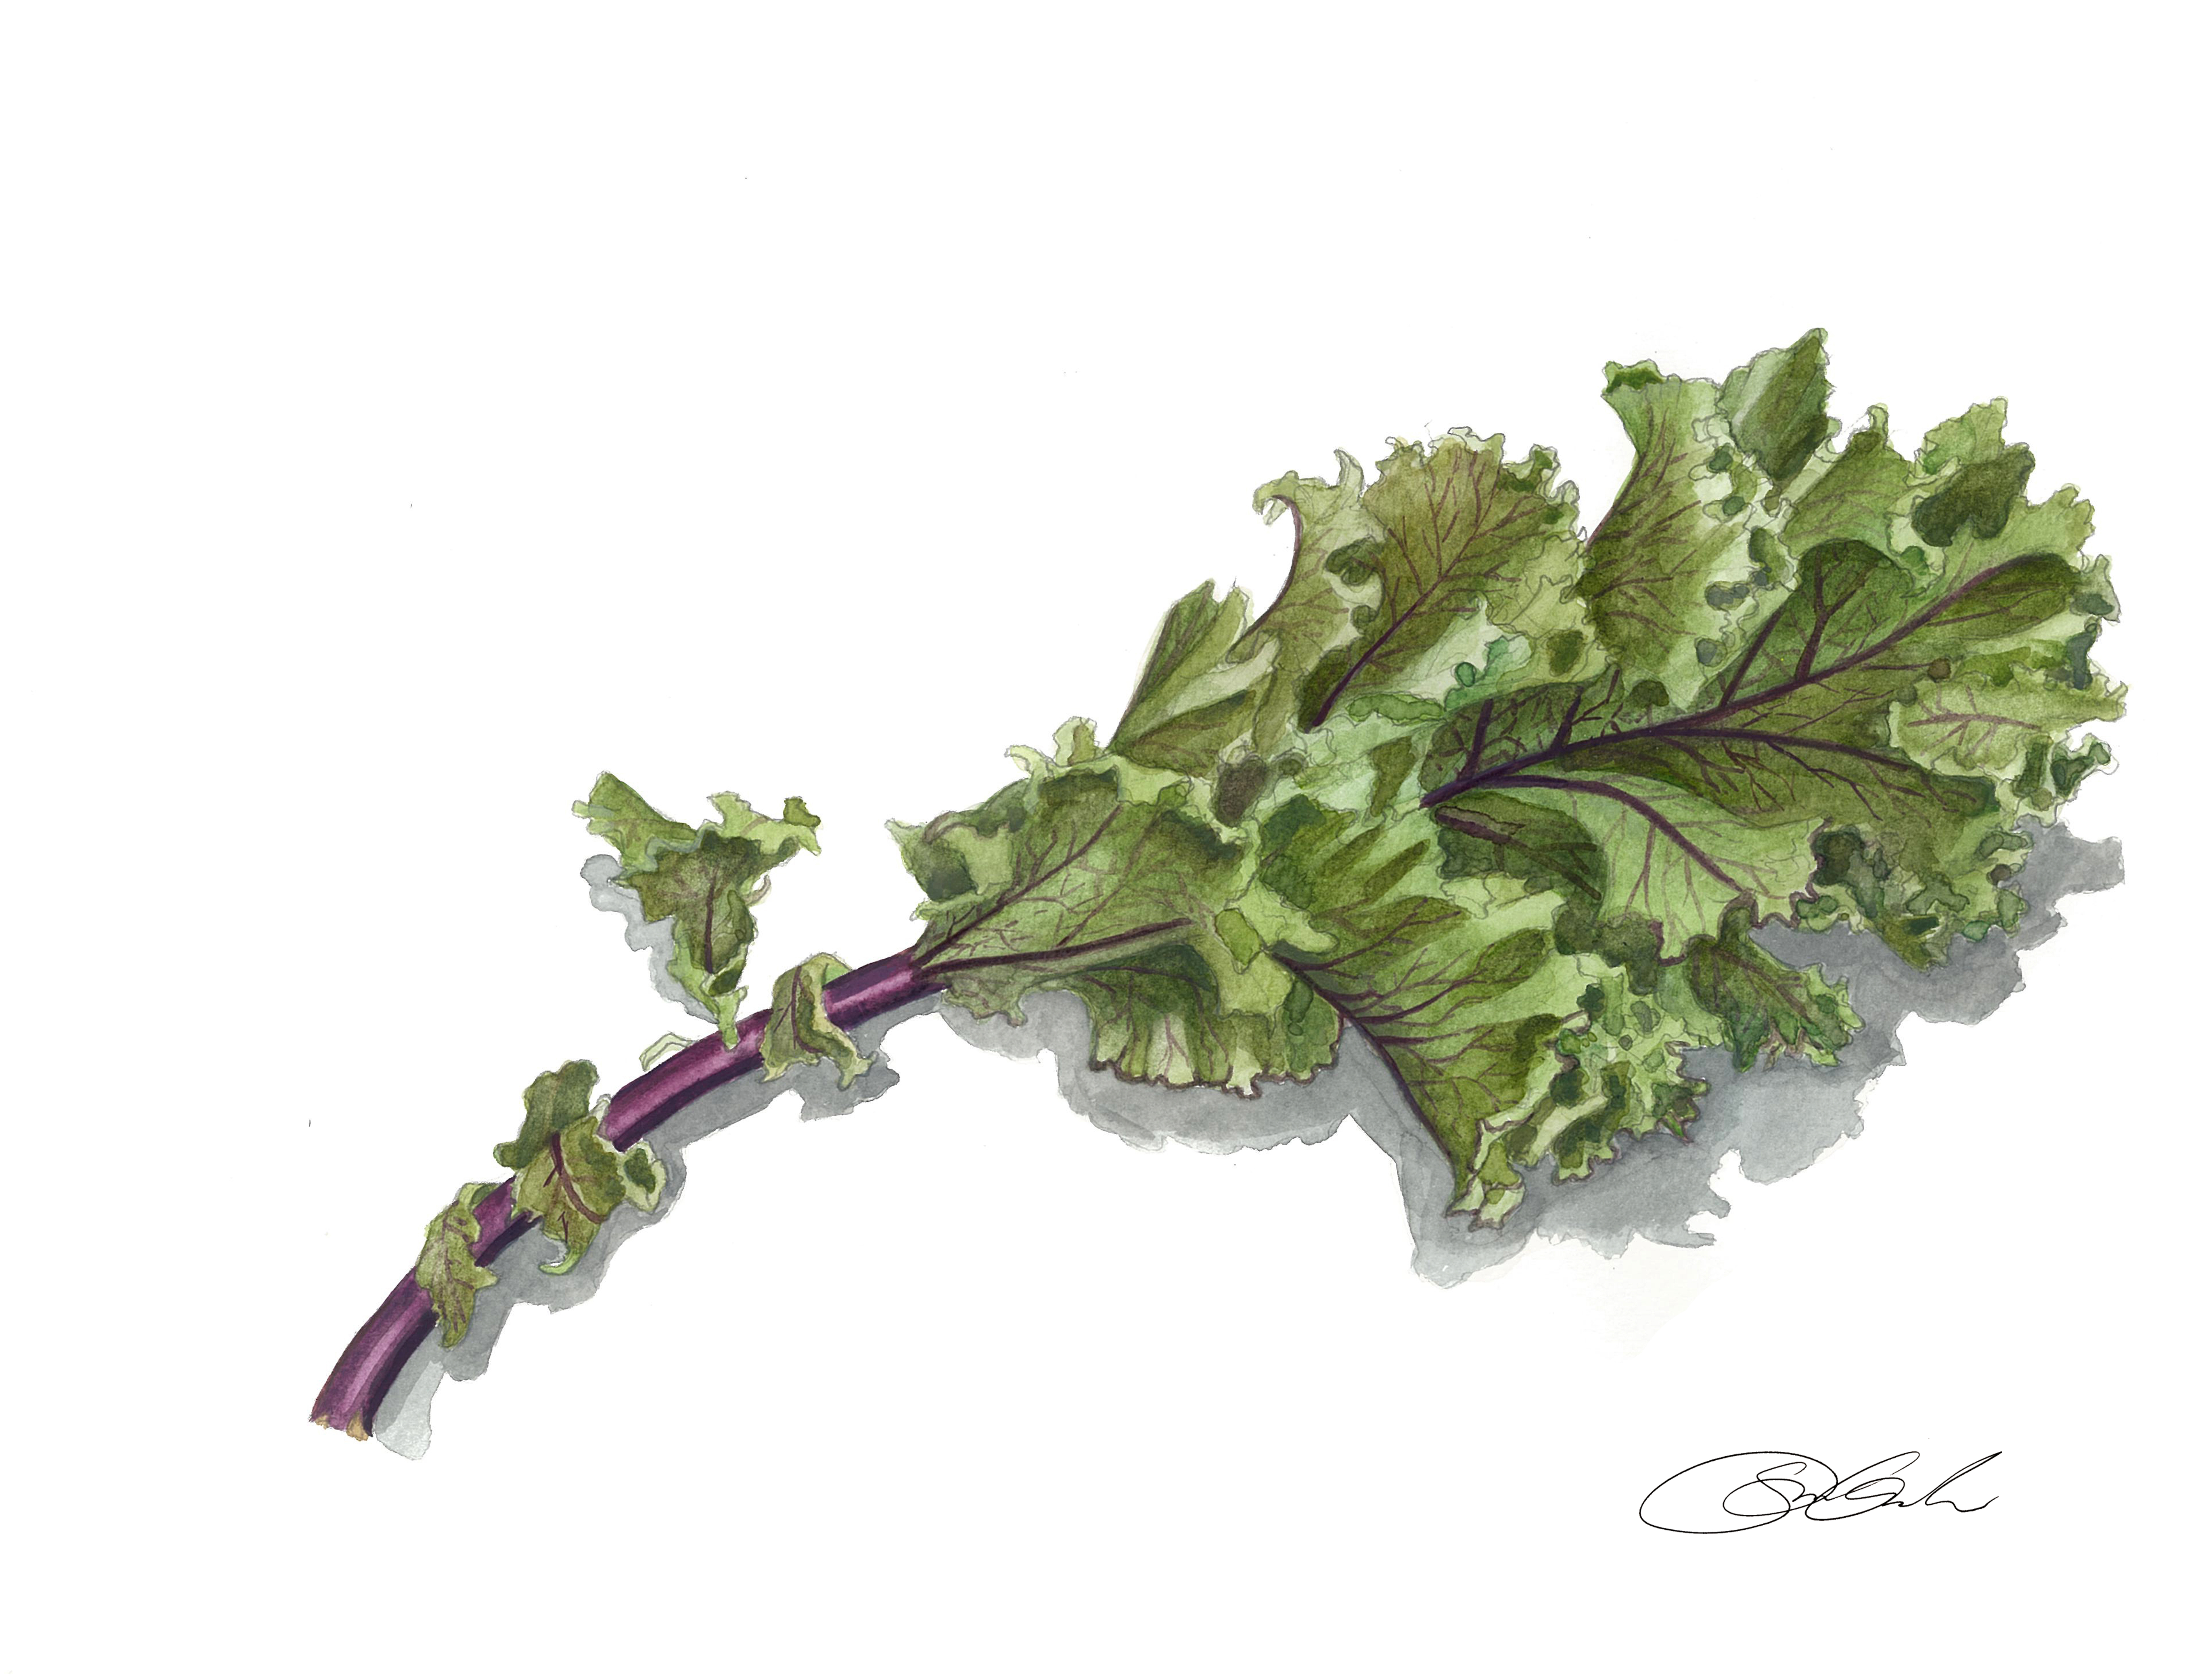 Kale Scan